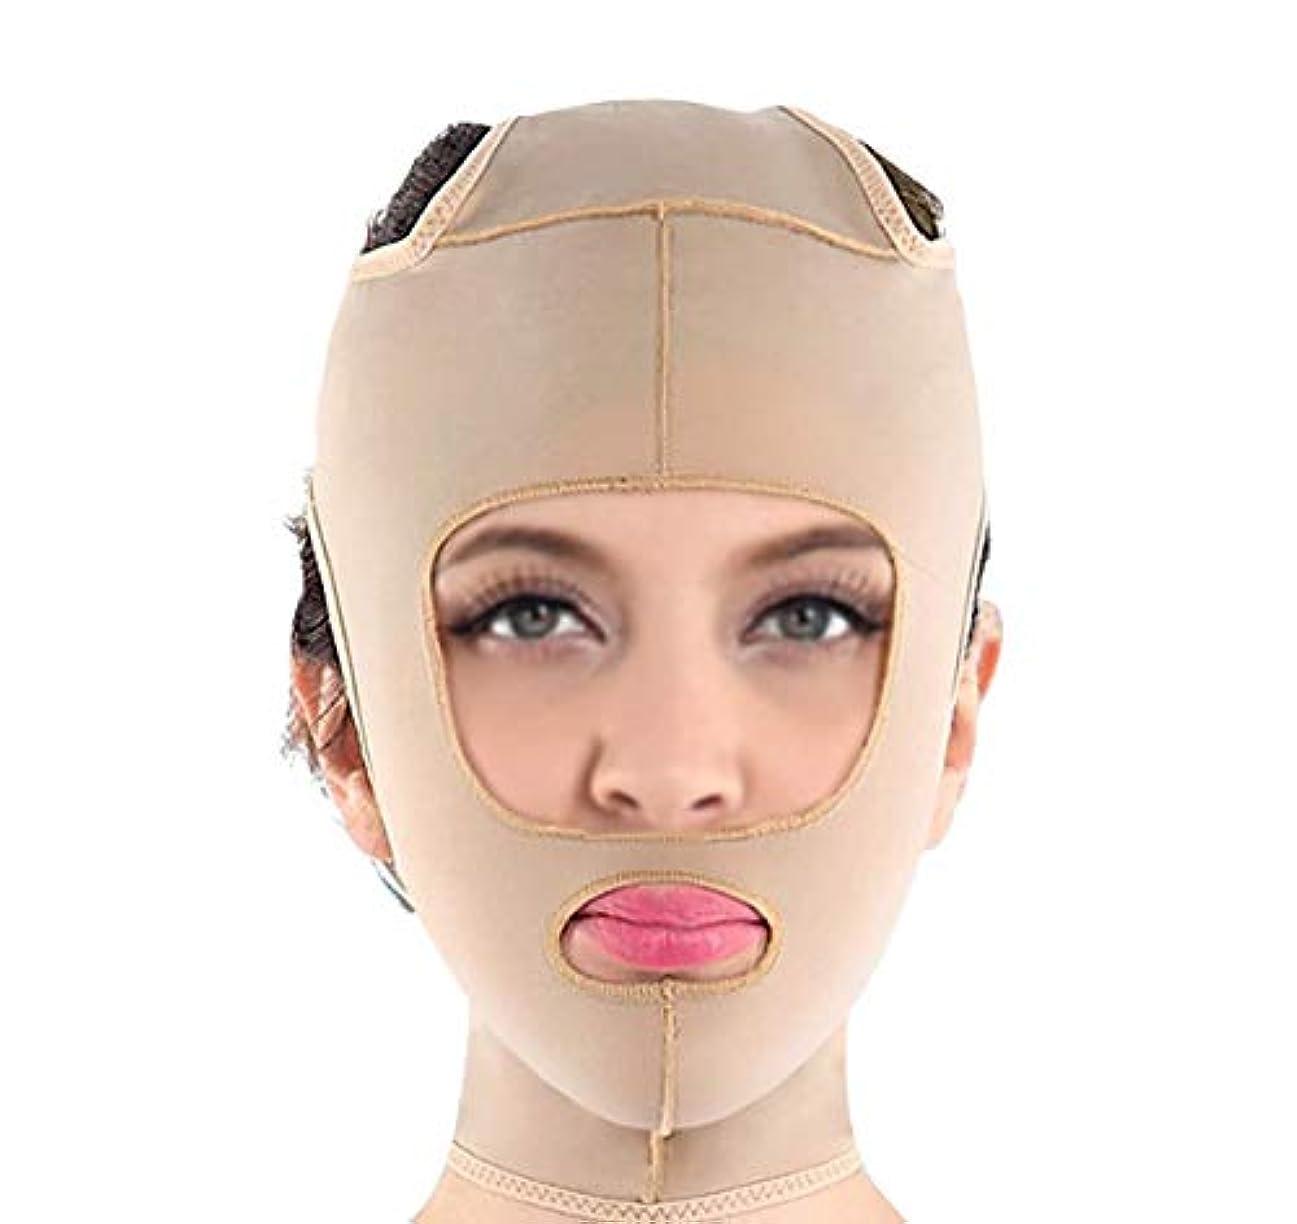 小説家元気平等フェイスリフティングマスクで肌をしっかりと保ち、顔の筋肉の垂れ下がりや顔の美しい輪郭の整形を防止します(サイズ:Xl),M